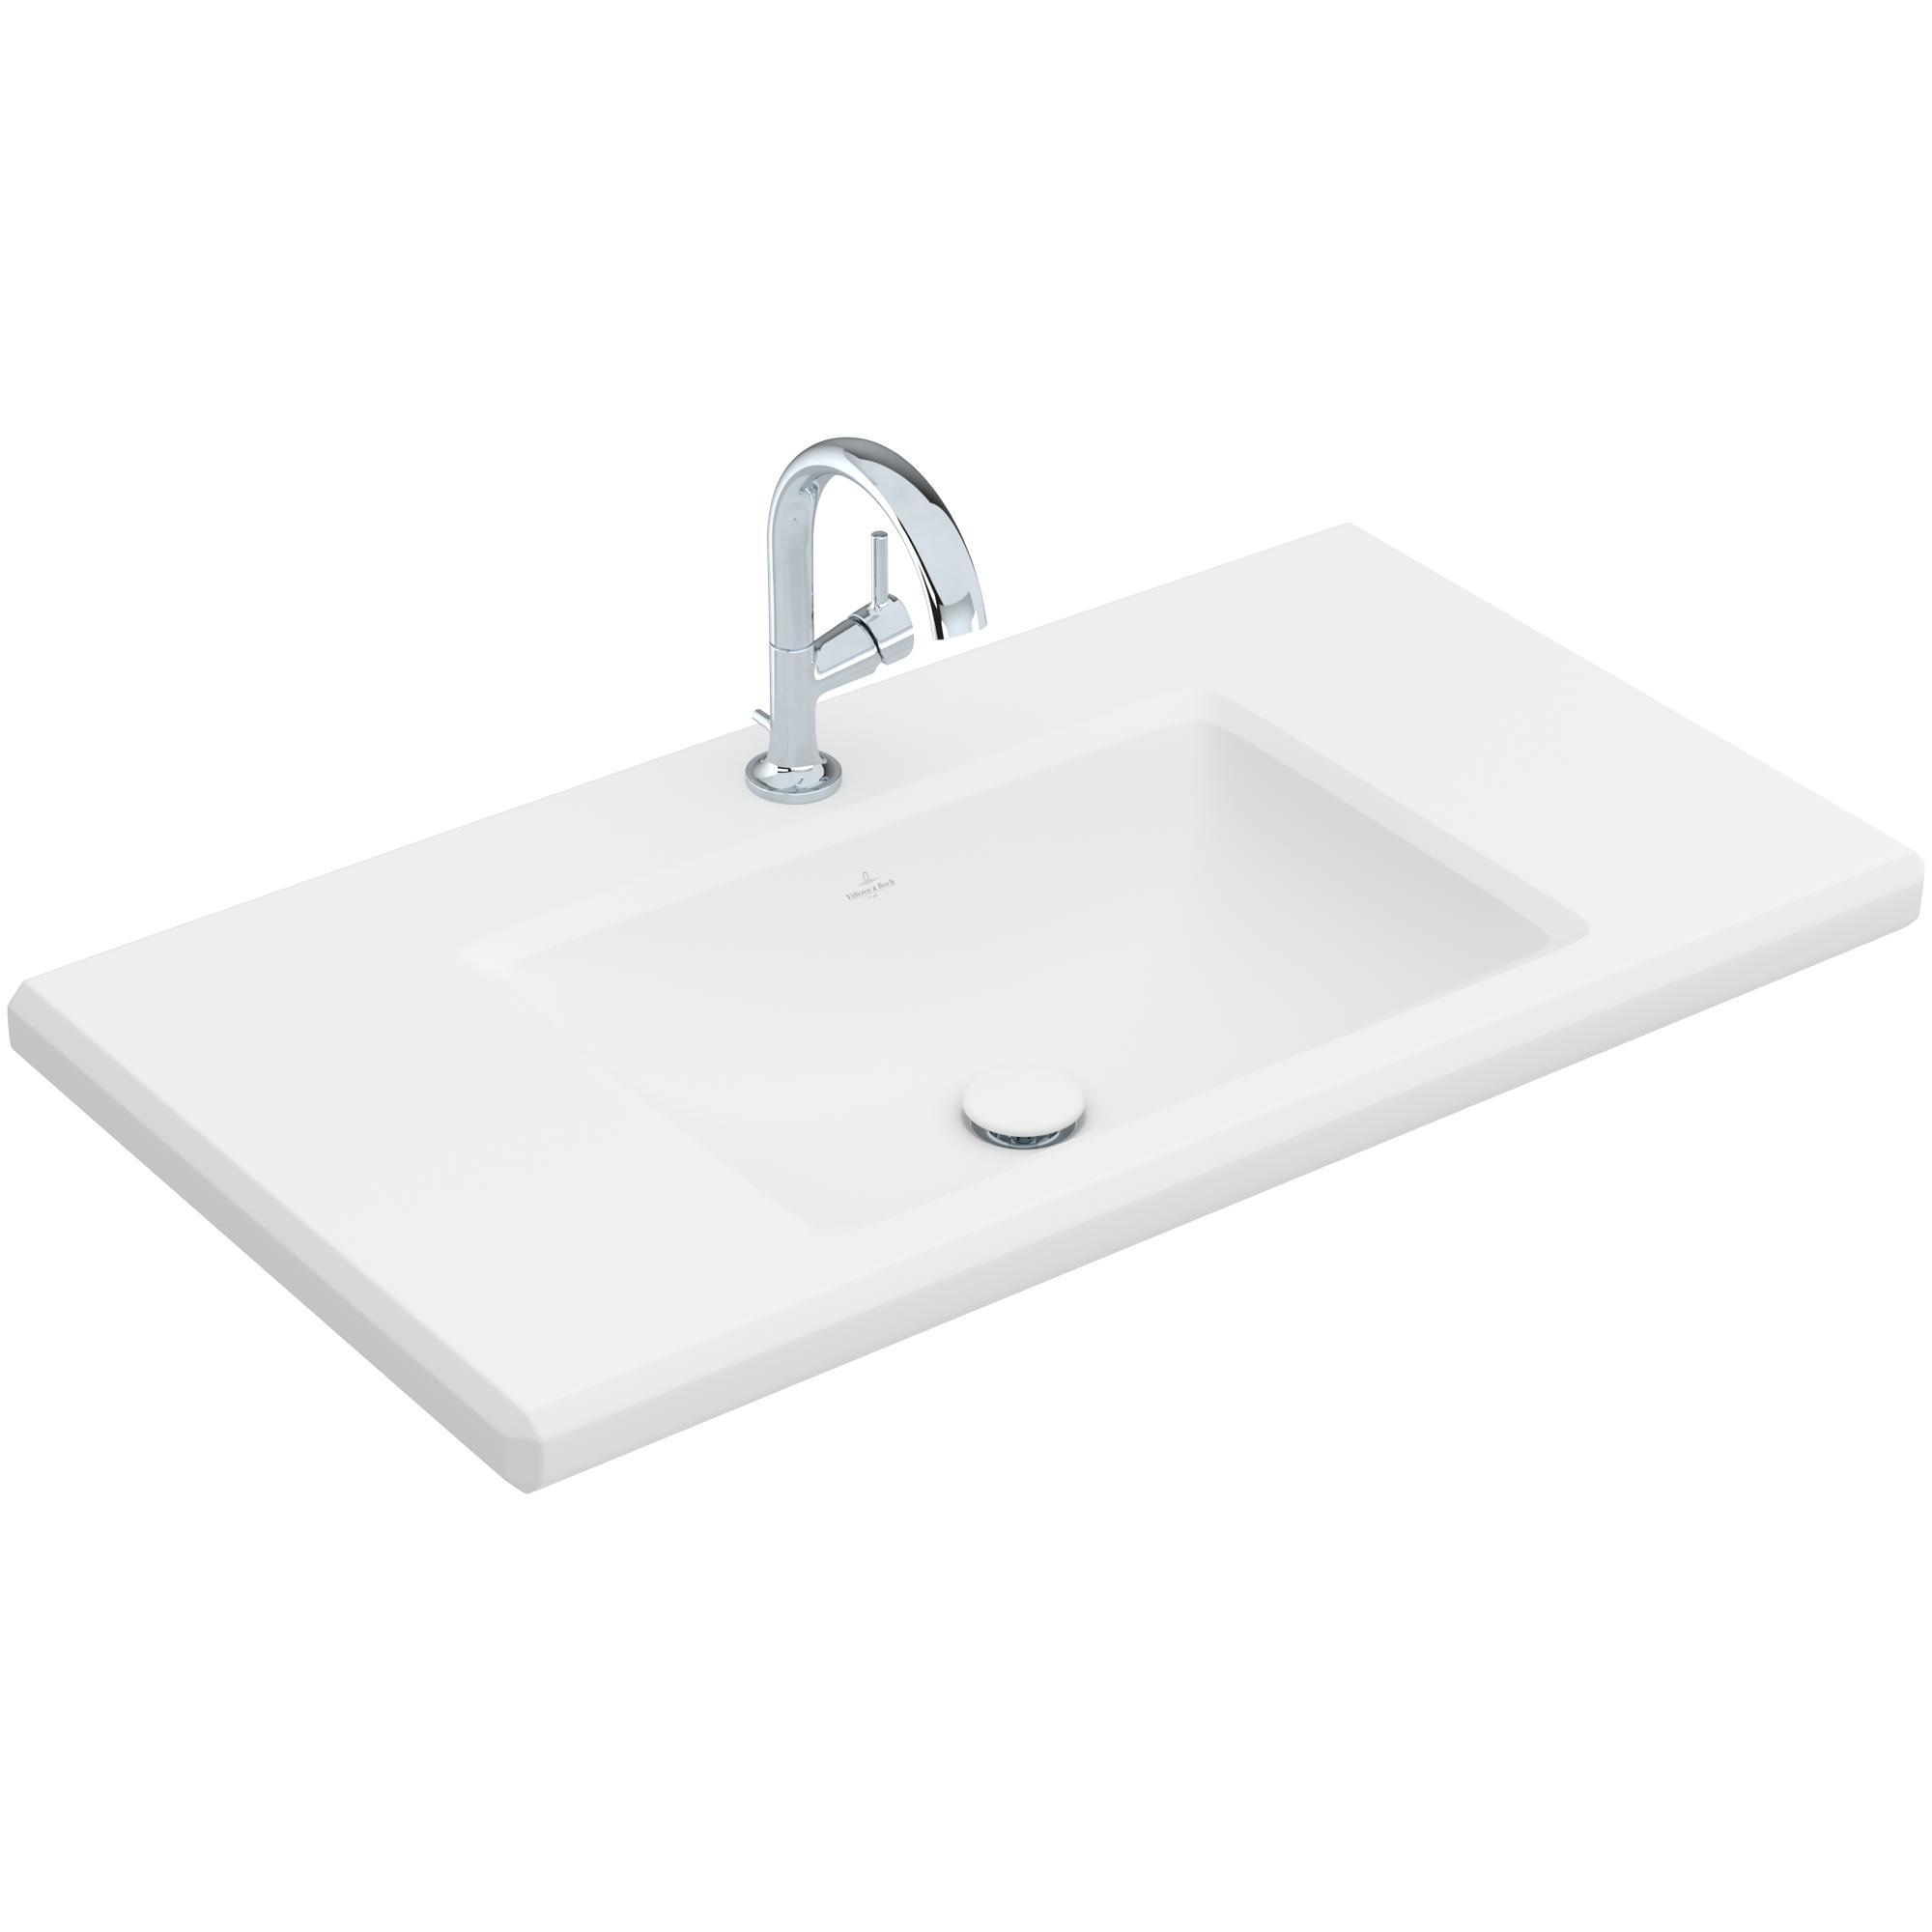 Tvättställ Villeroy & Boch Antheus 1000 mm